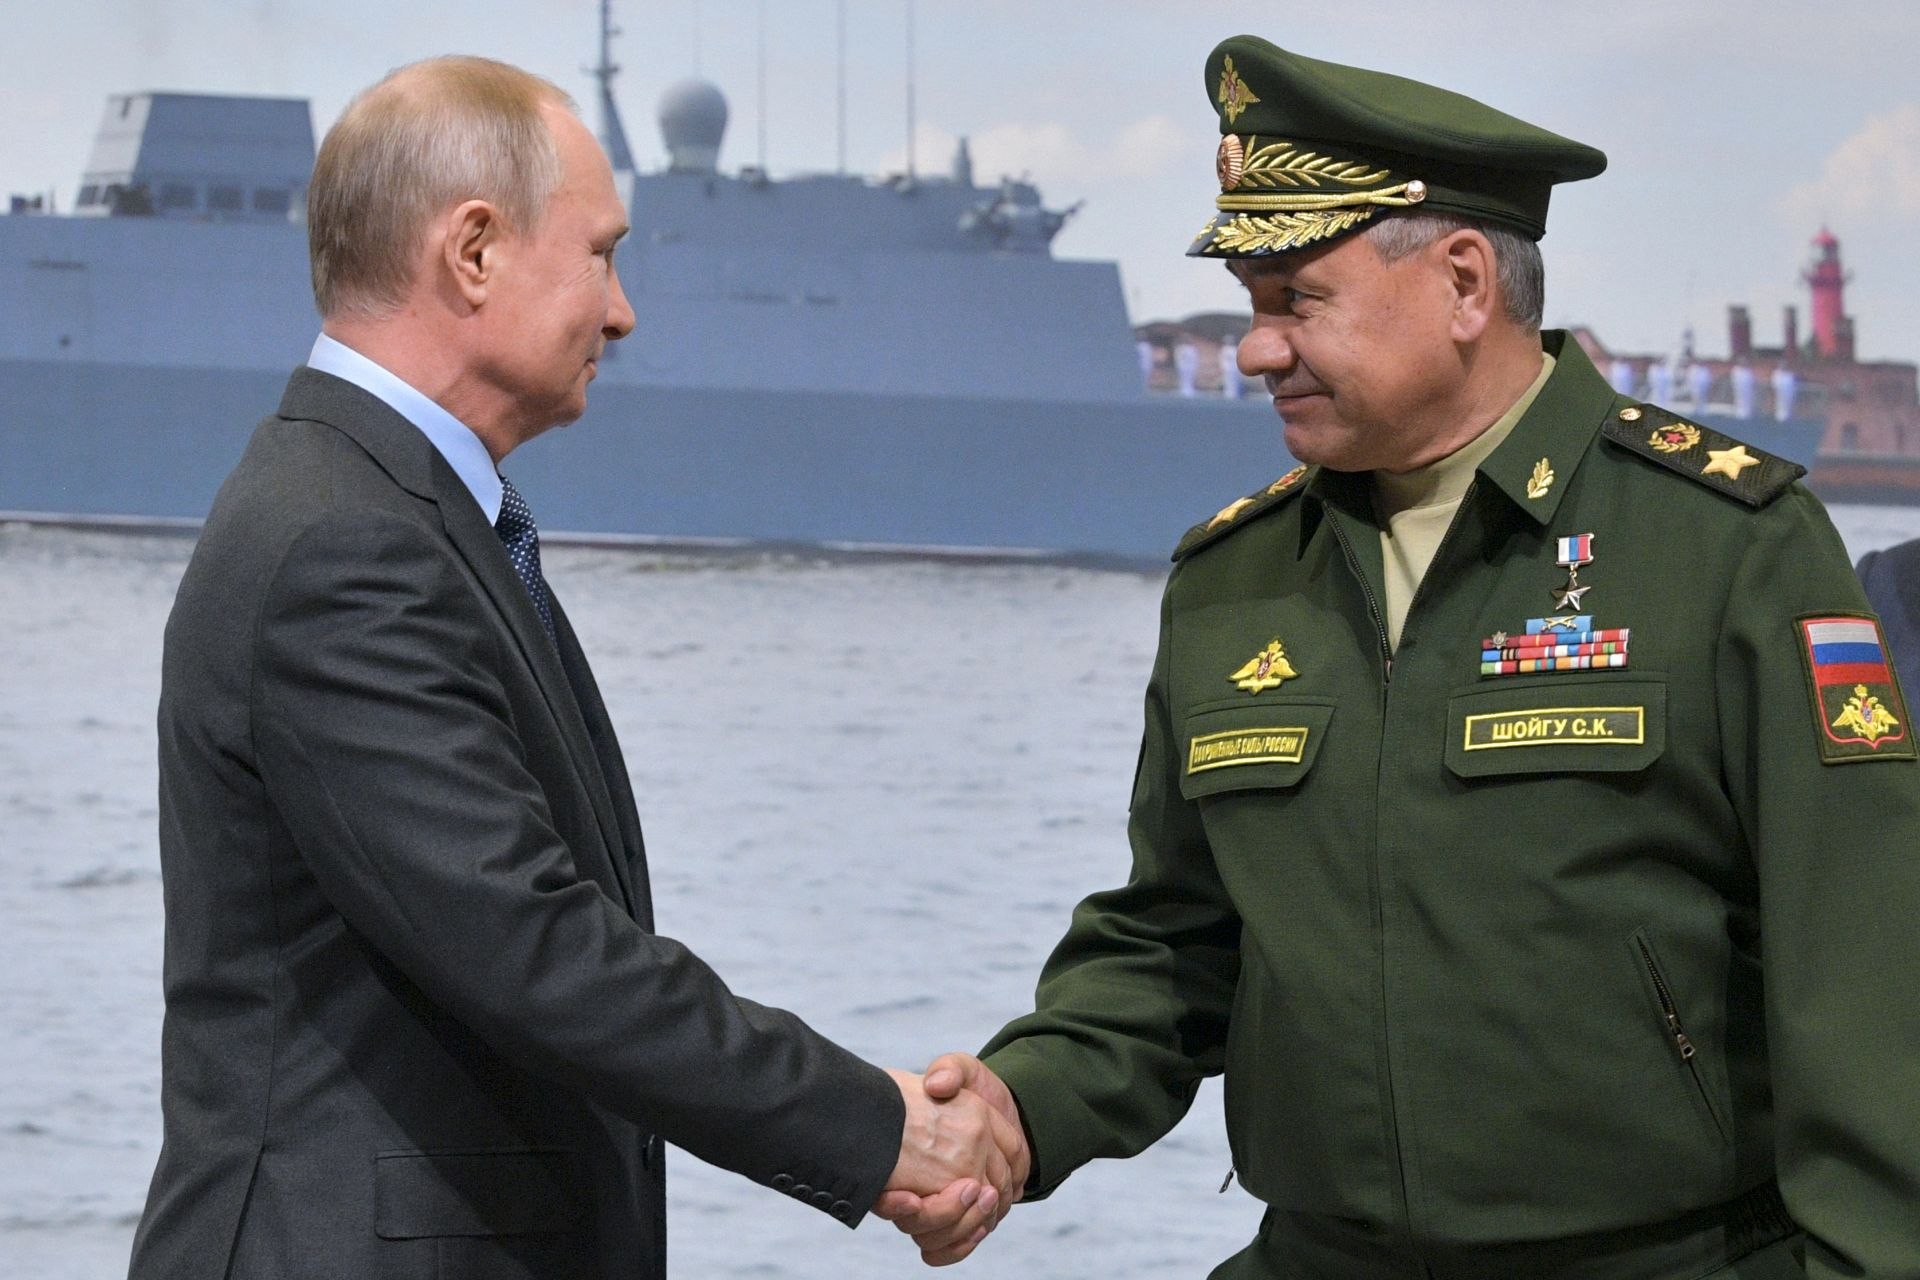 Президентът и военният министър Сергей Шойгу се поздравяват с успеха